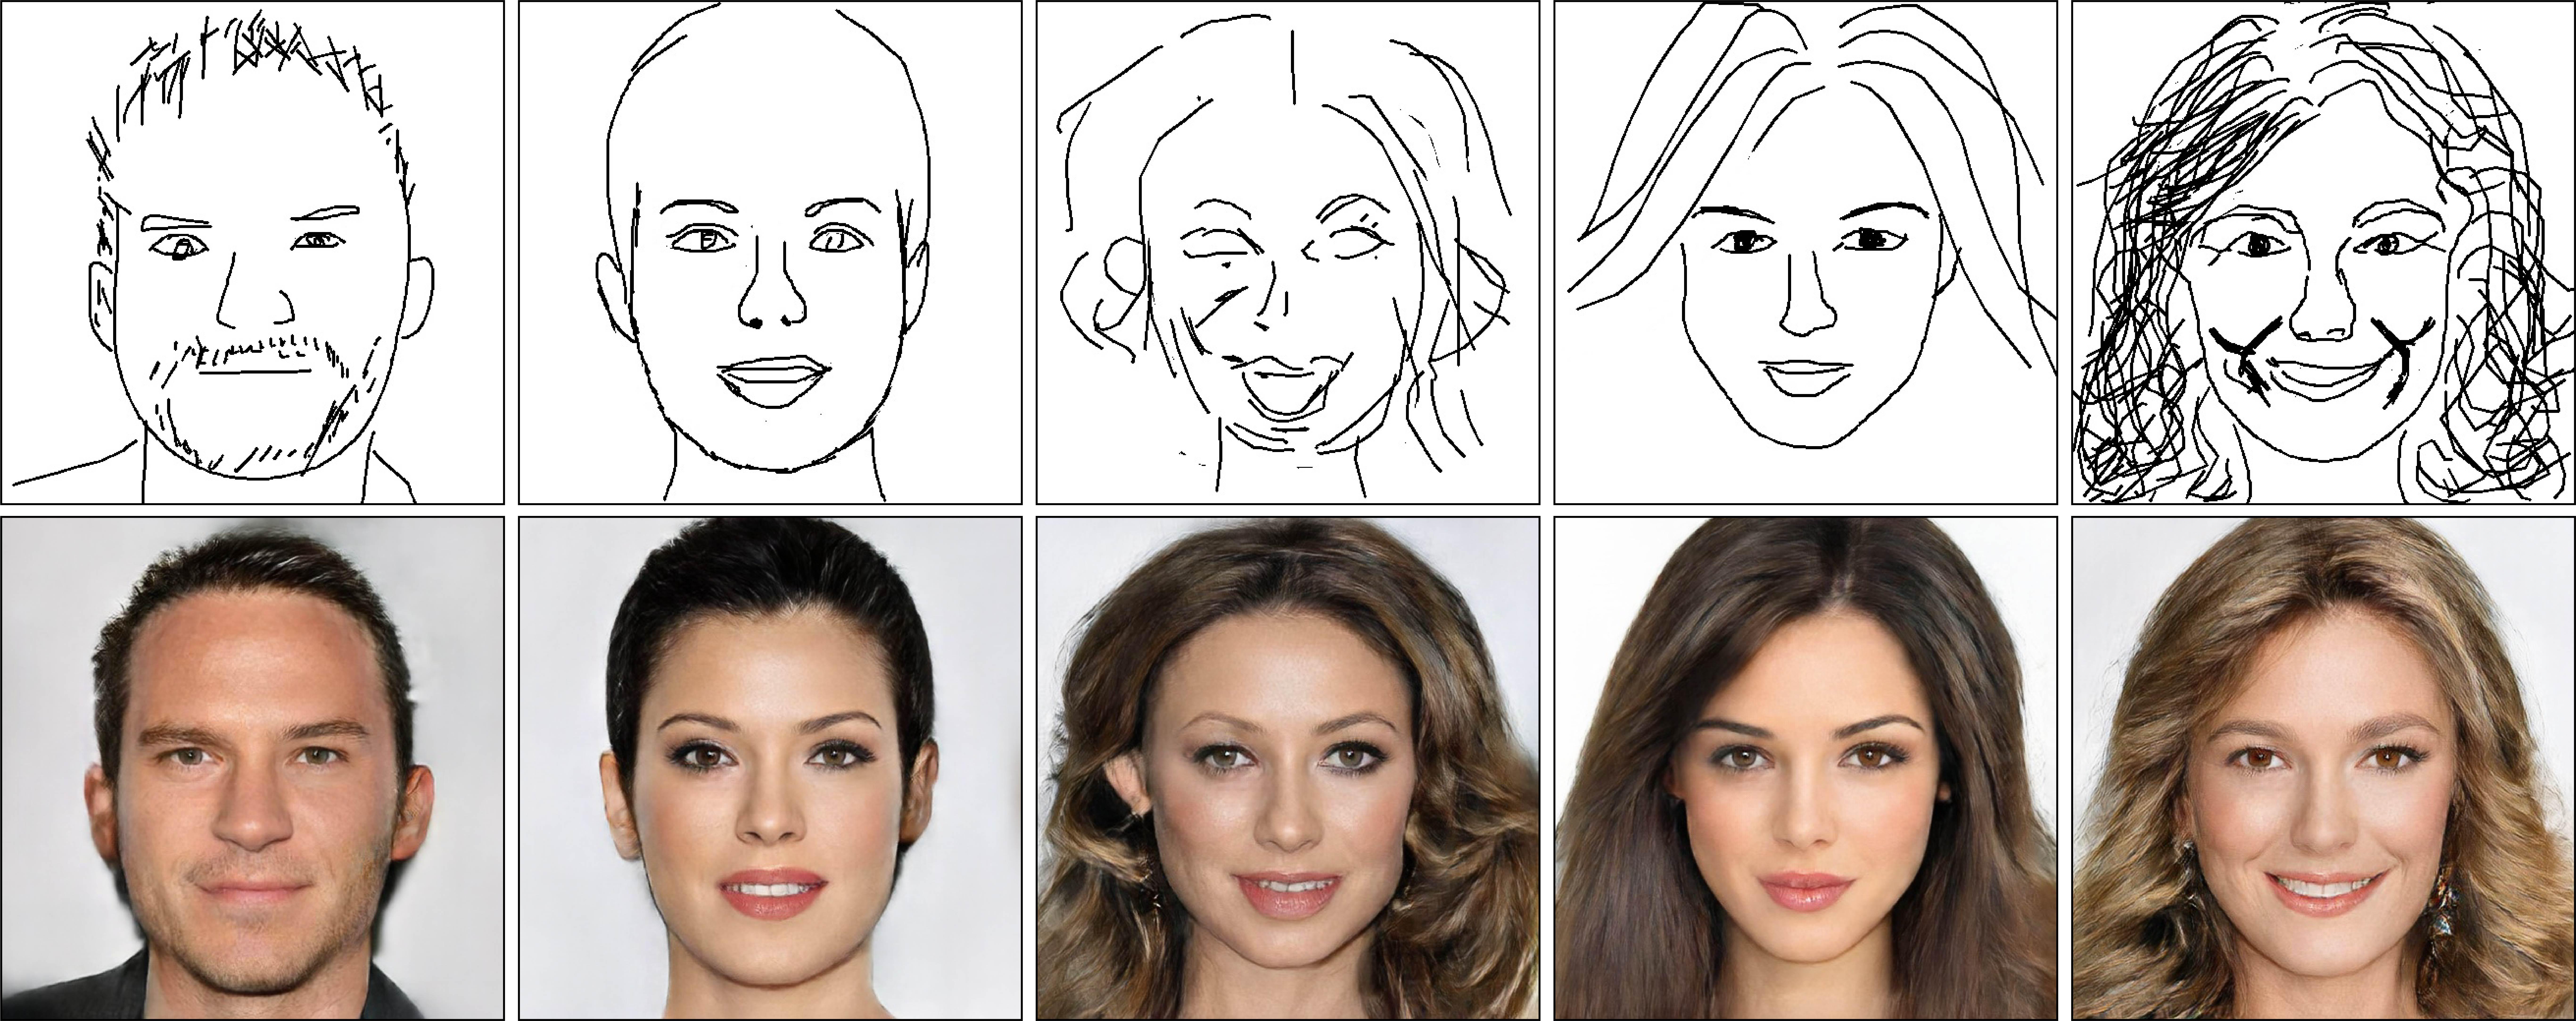 フリーハンドで描いた似顔絵が、リアルな顔写真に変換される学習アプリが登場